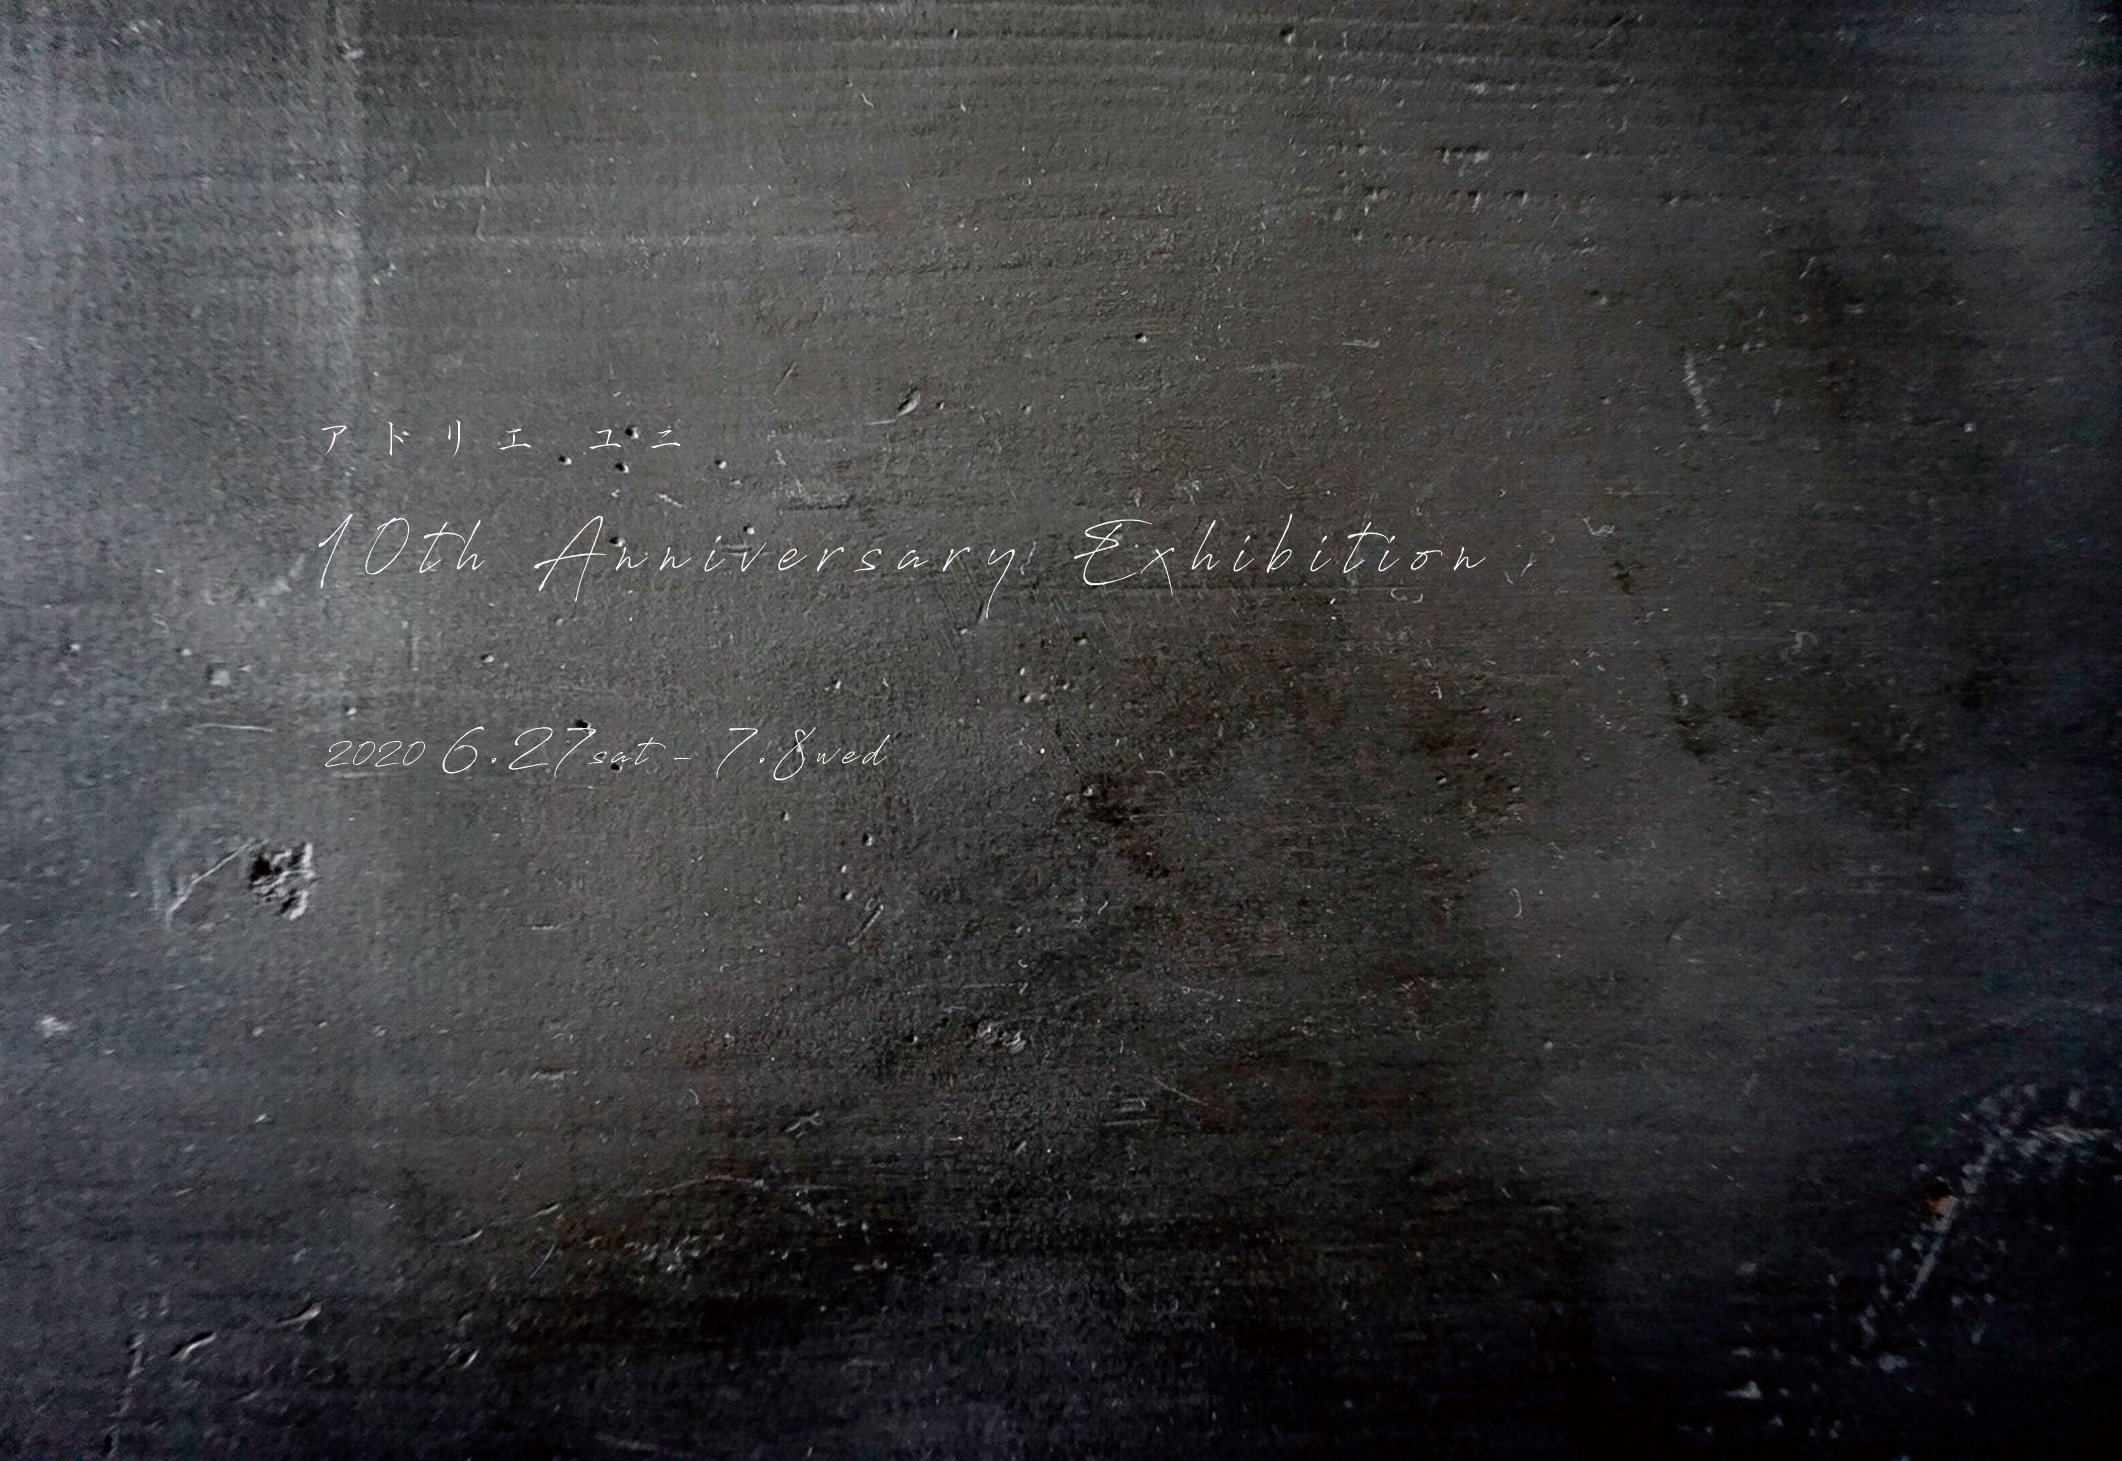 次回企画展 10th Anniversary Exhibition